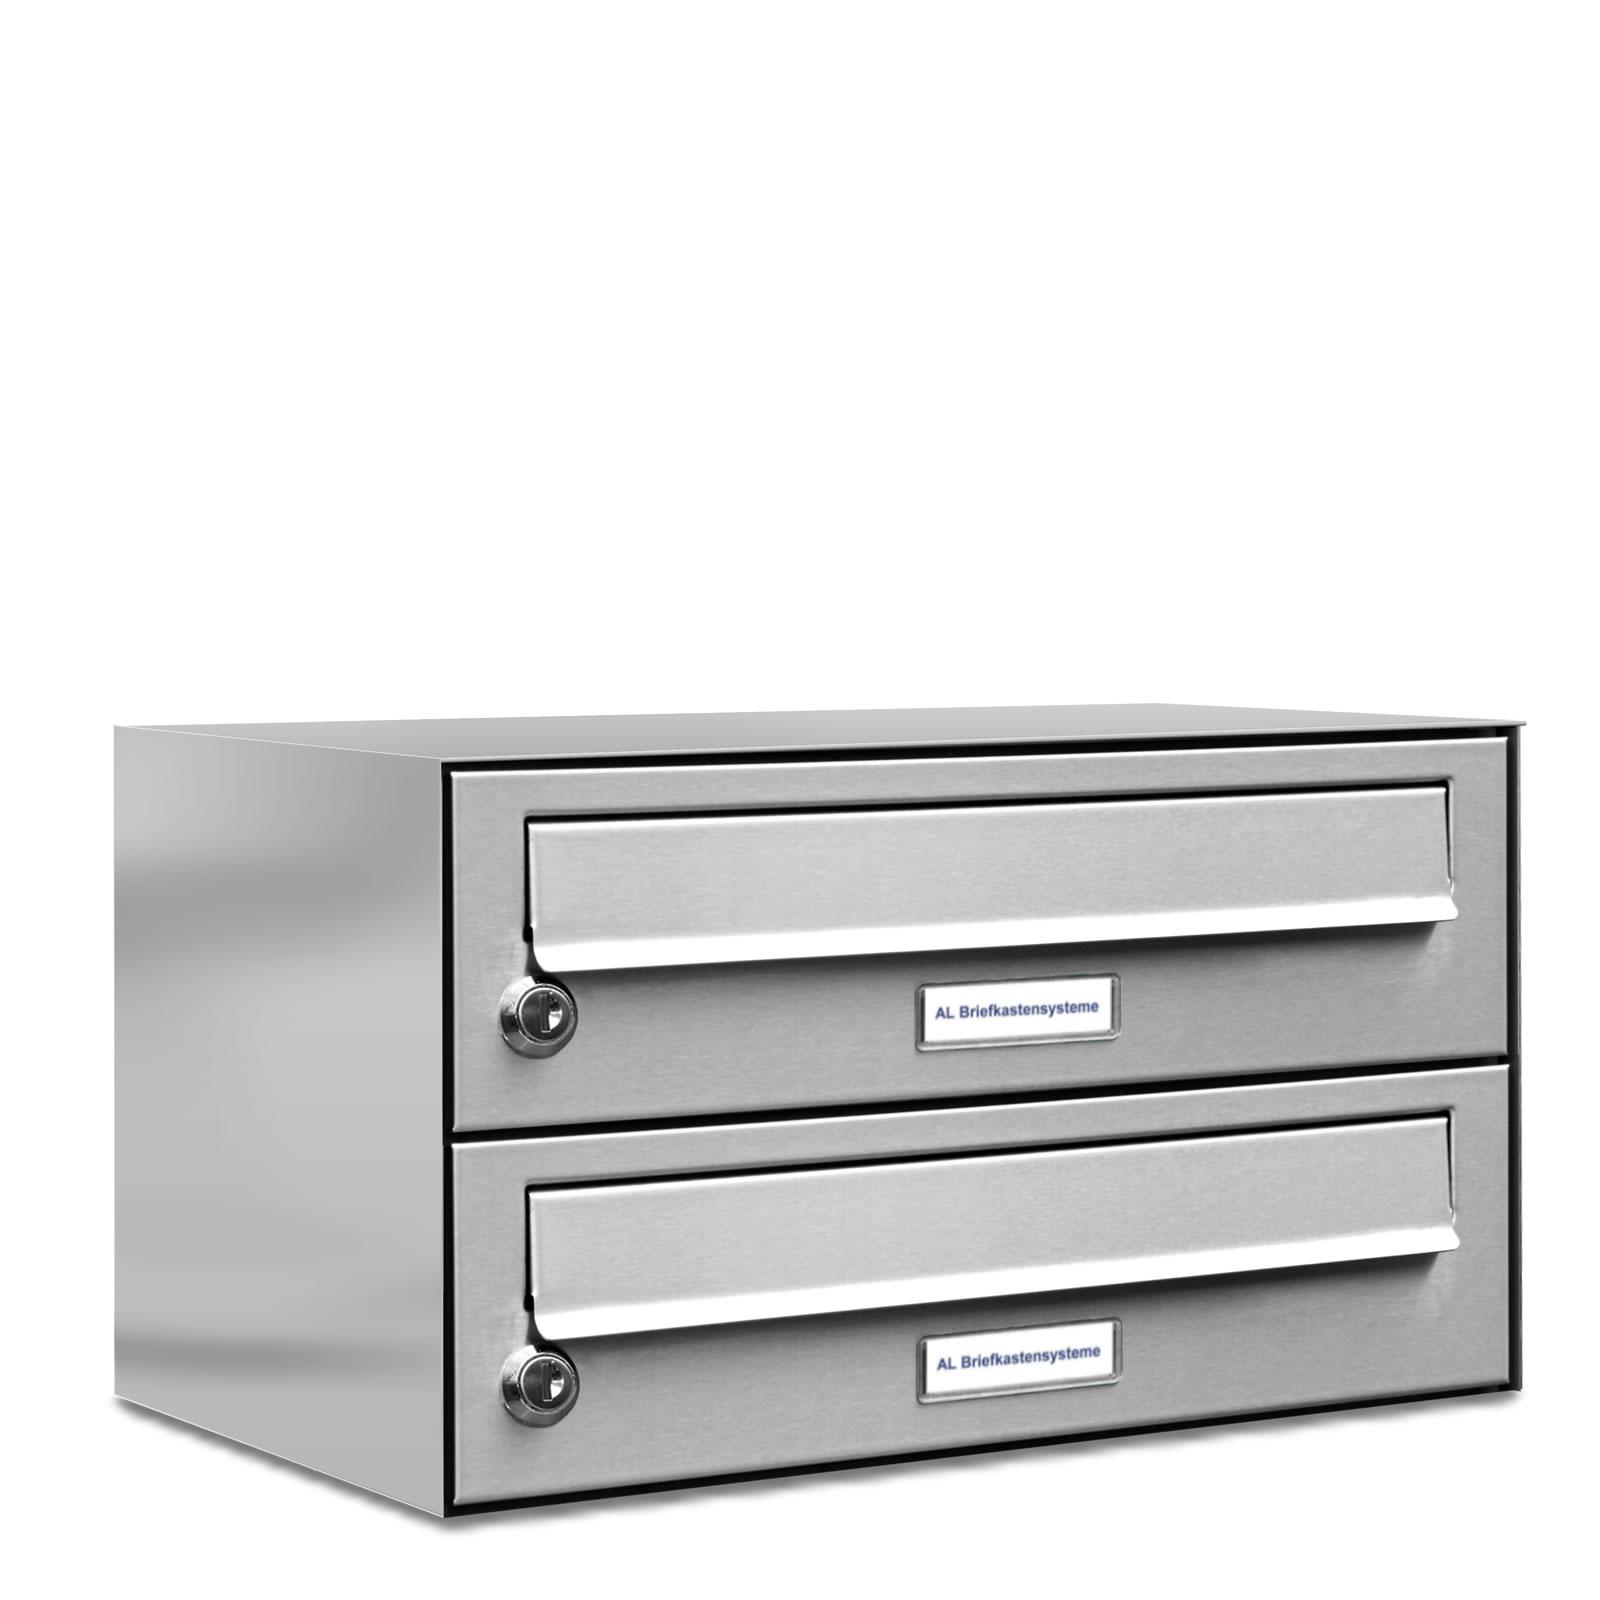 2er 1x2 v2a edelstahl briefkasten anlage einbau aufputz ebay. Black Bedroom Furniture Sets. Home Design Ideas